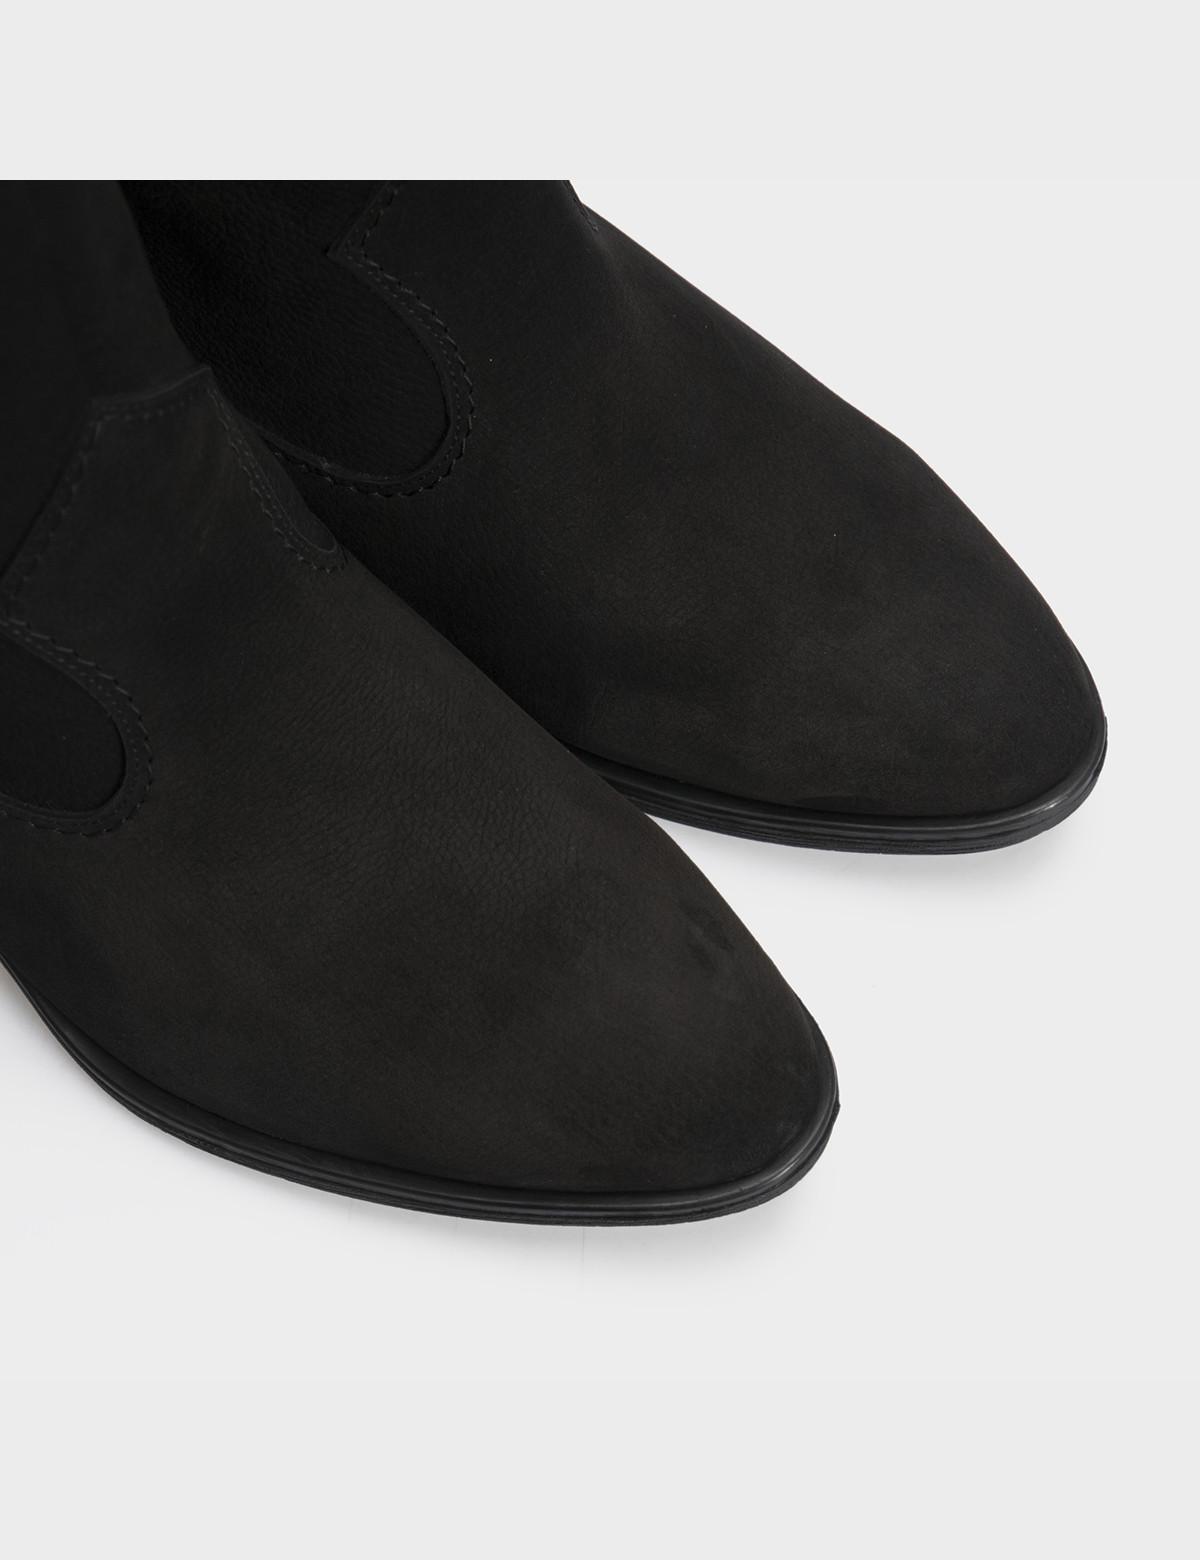 Ботинки черные натуральный нубук. Байка4